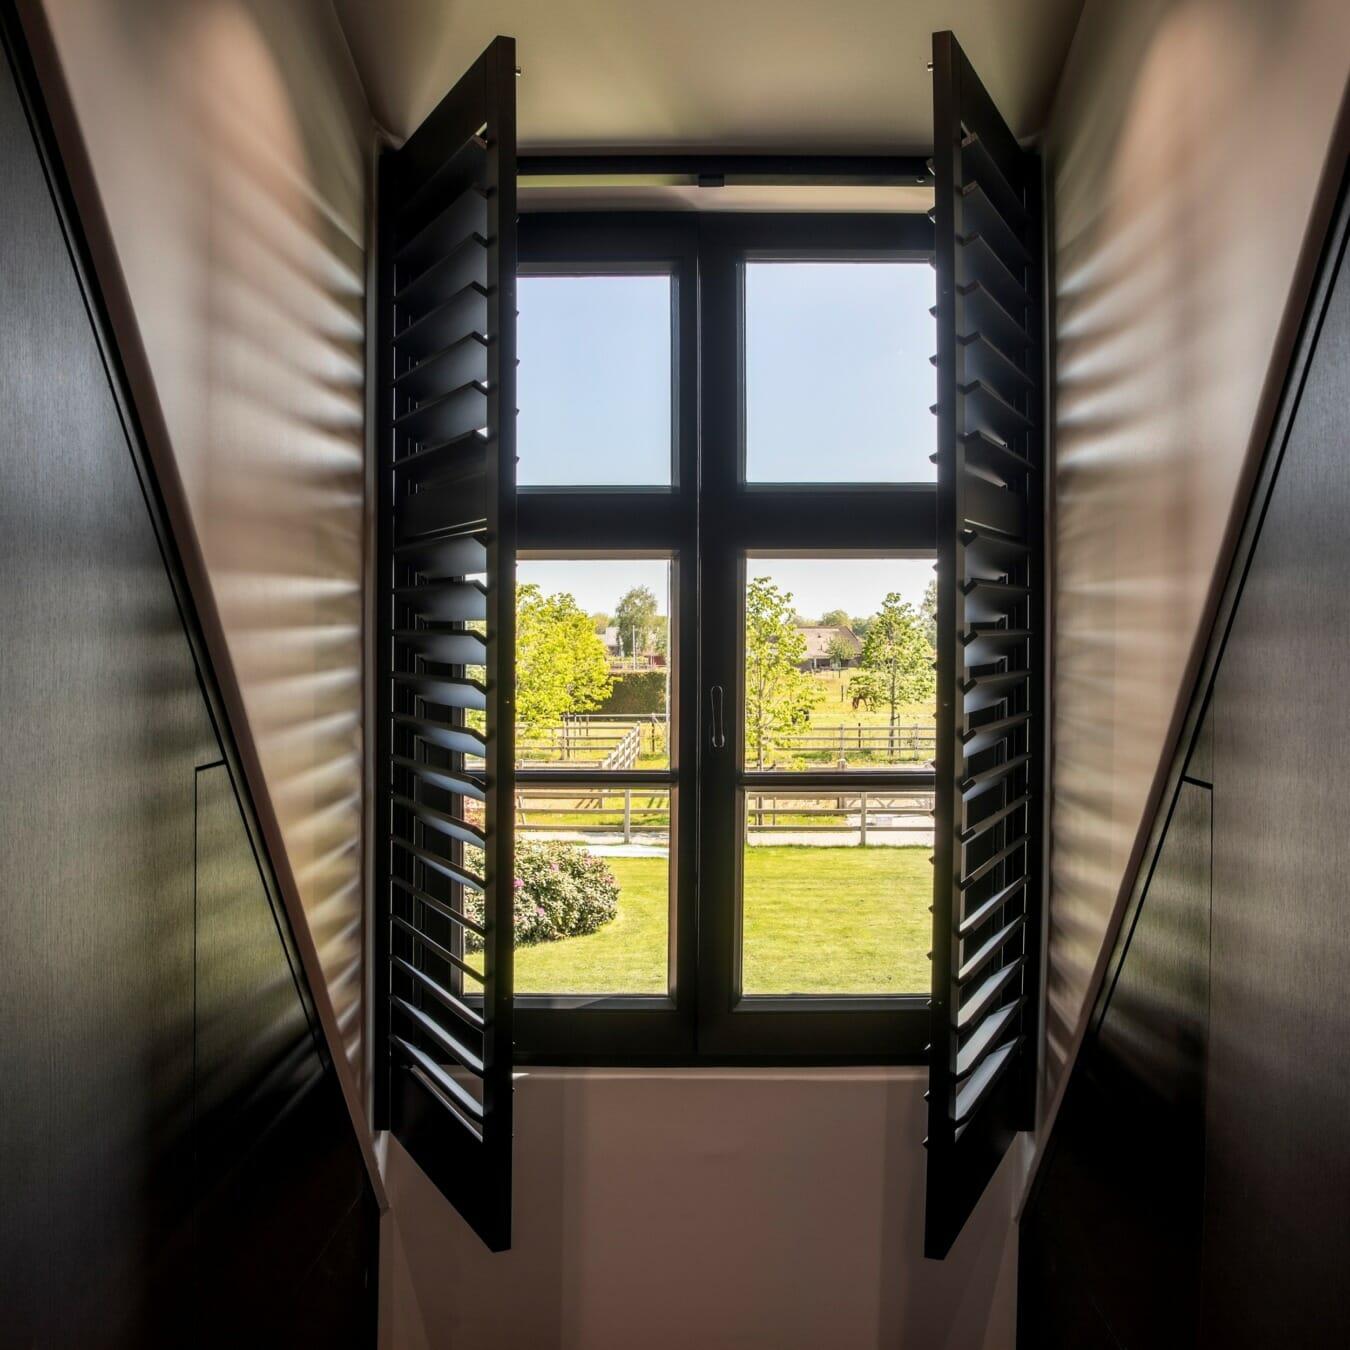 Draai-kiepraam Piet Boon shutters open